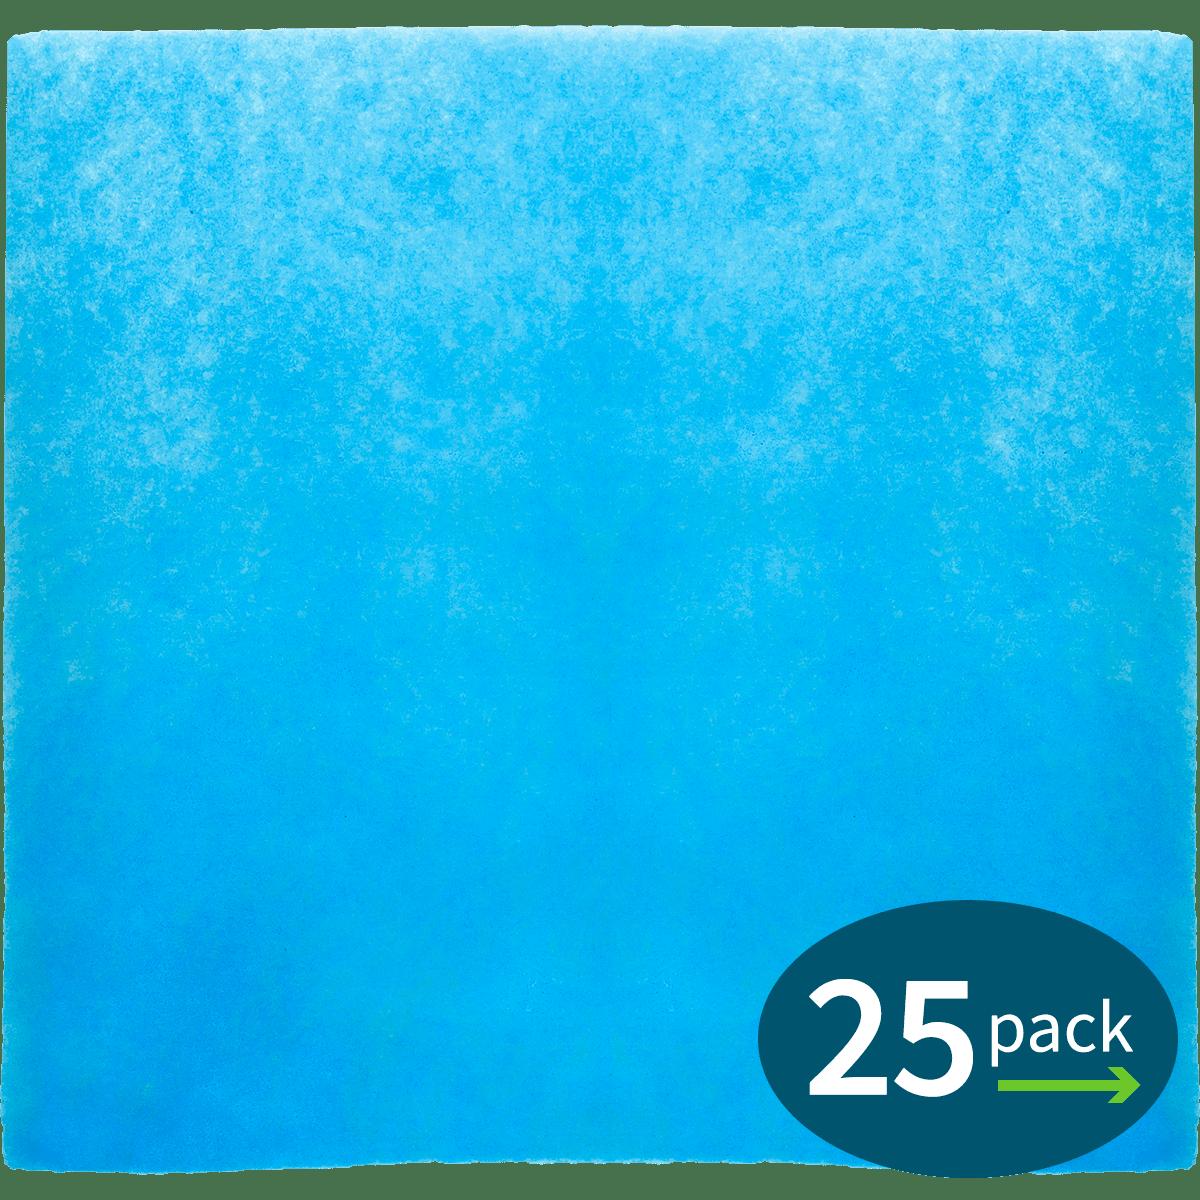 Phoenix Guardian Spun Polyester Pre-Filter 24 x 24 x 1 (4023374) - CASE OF 25 ph4269